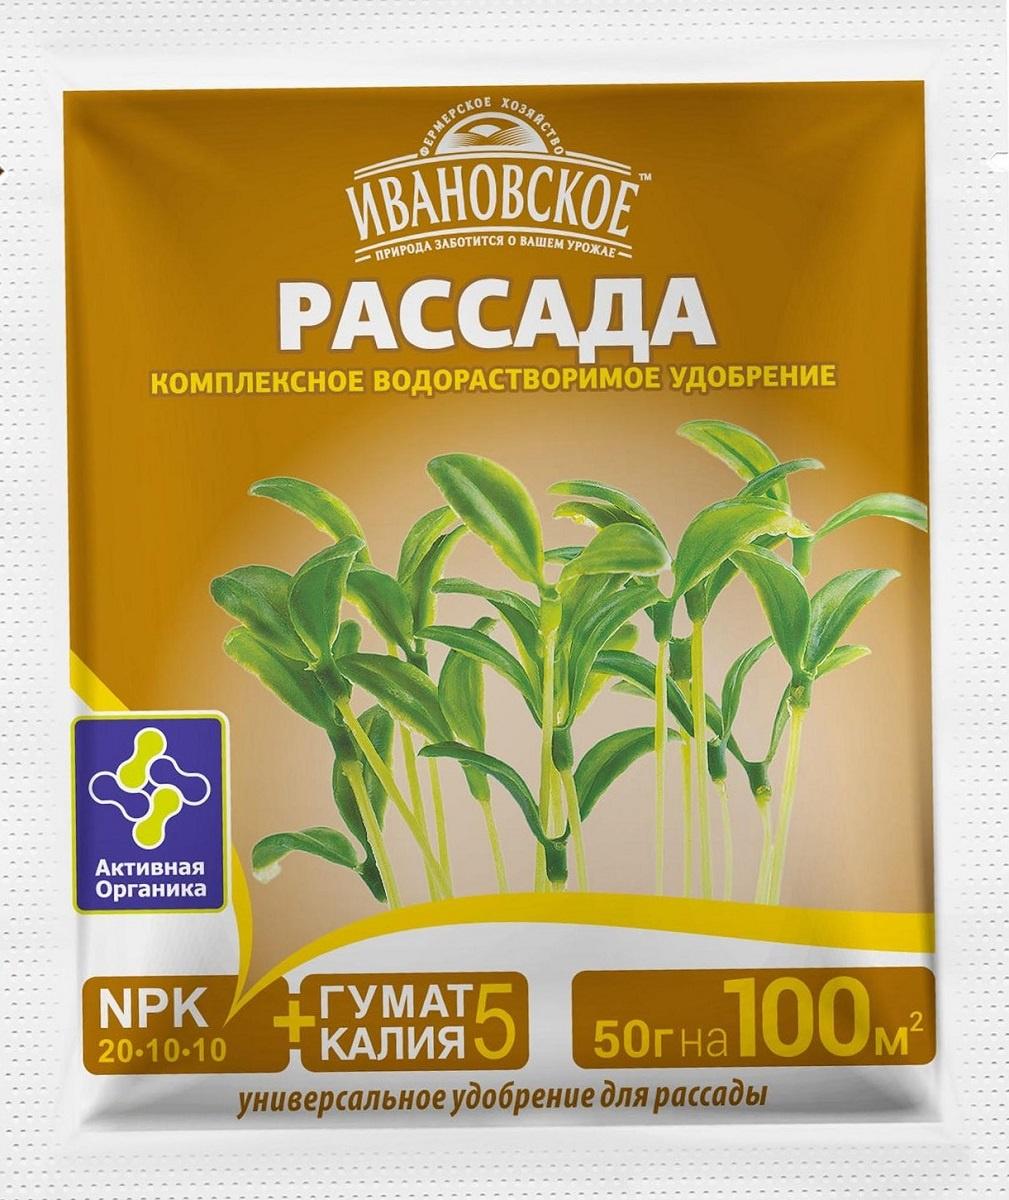 Удобрение Фермерское хозяйство Ивановское для рассады 50г, коричневый удобрение биона водорастворимое комплексное клубника 50г